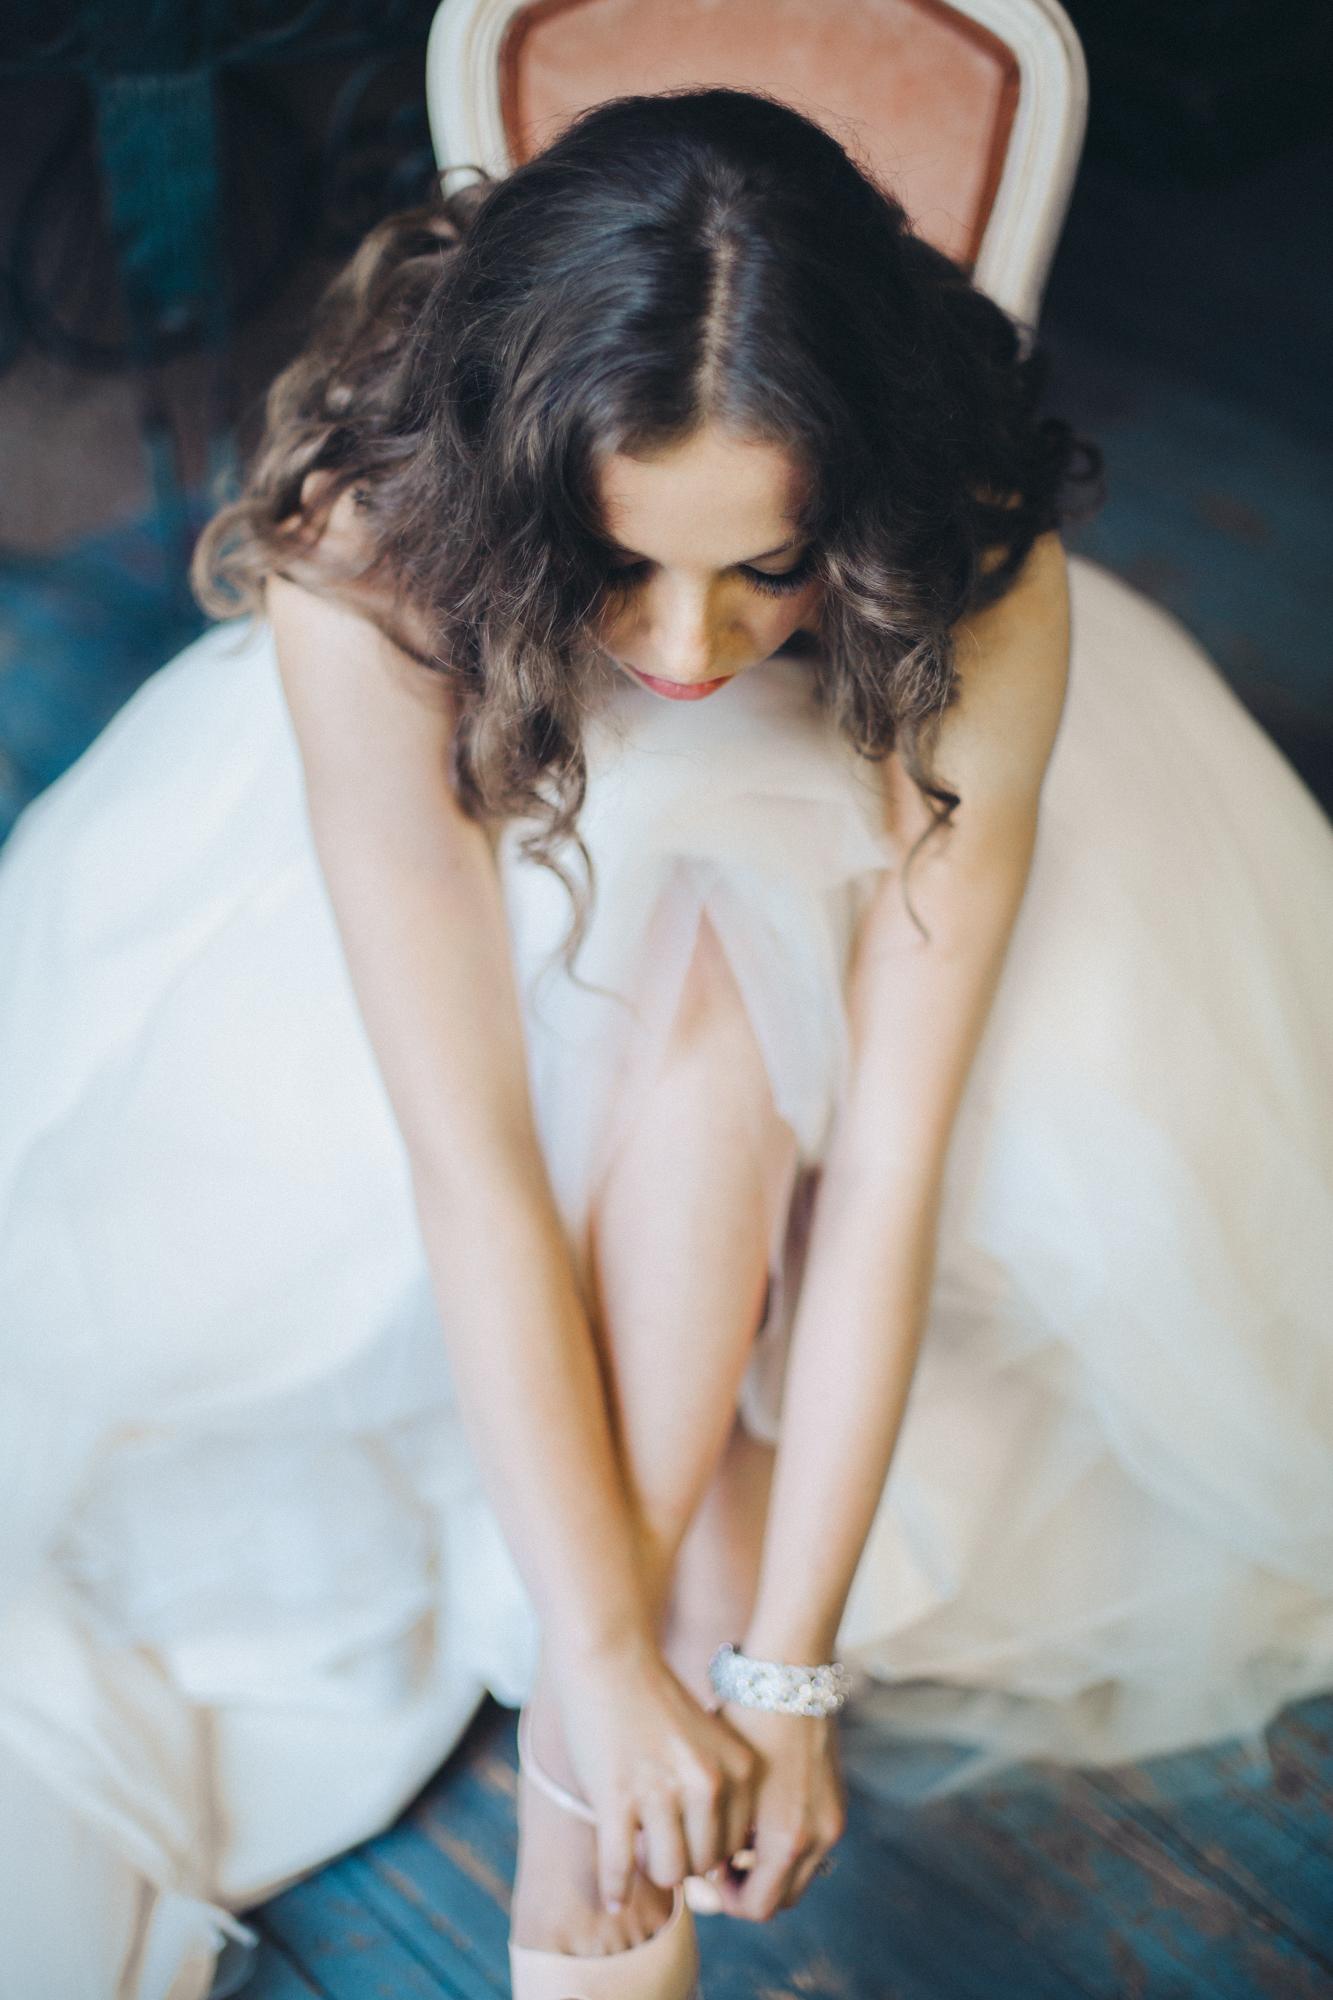 New York Wedding Photographer Boris Zaretsky Boris_Zaretsky_Photography_1N3A0144 copy.jpg